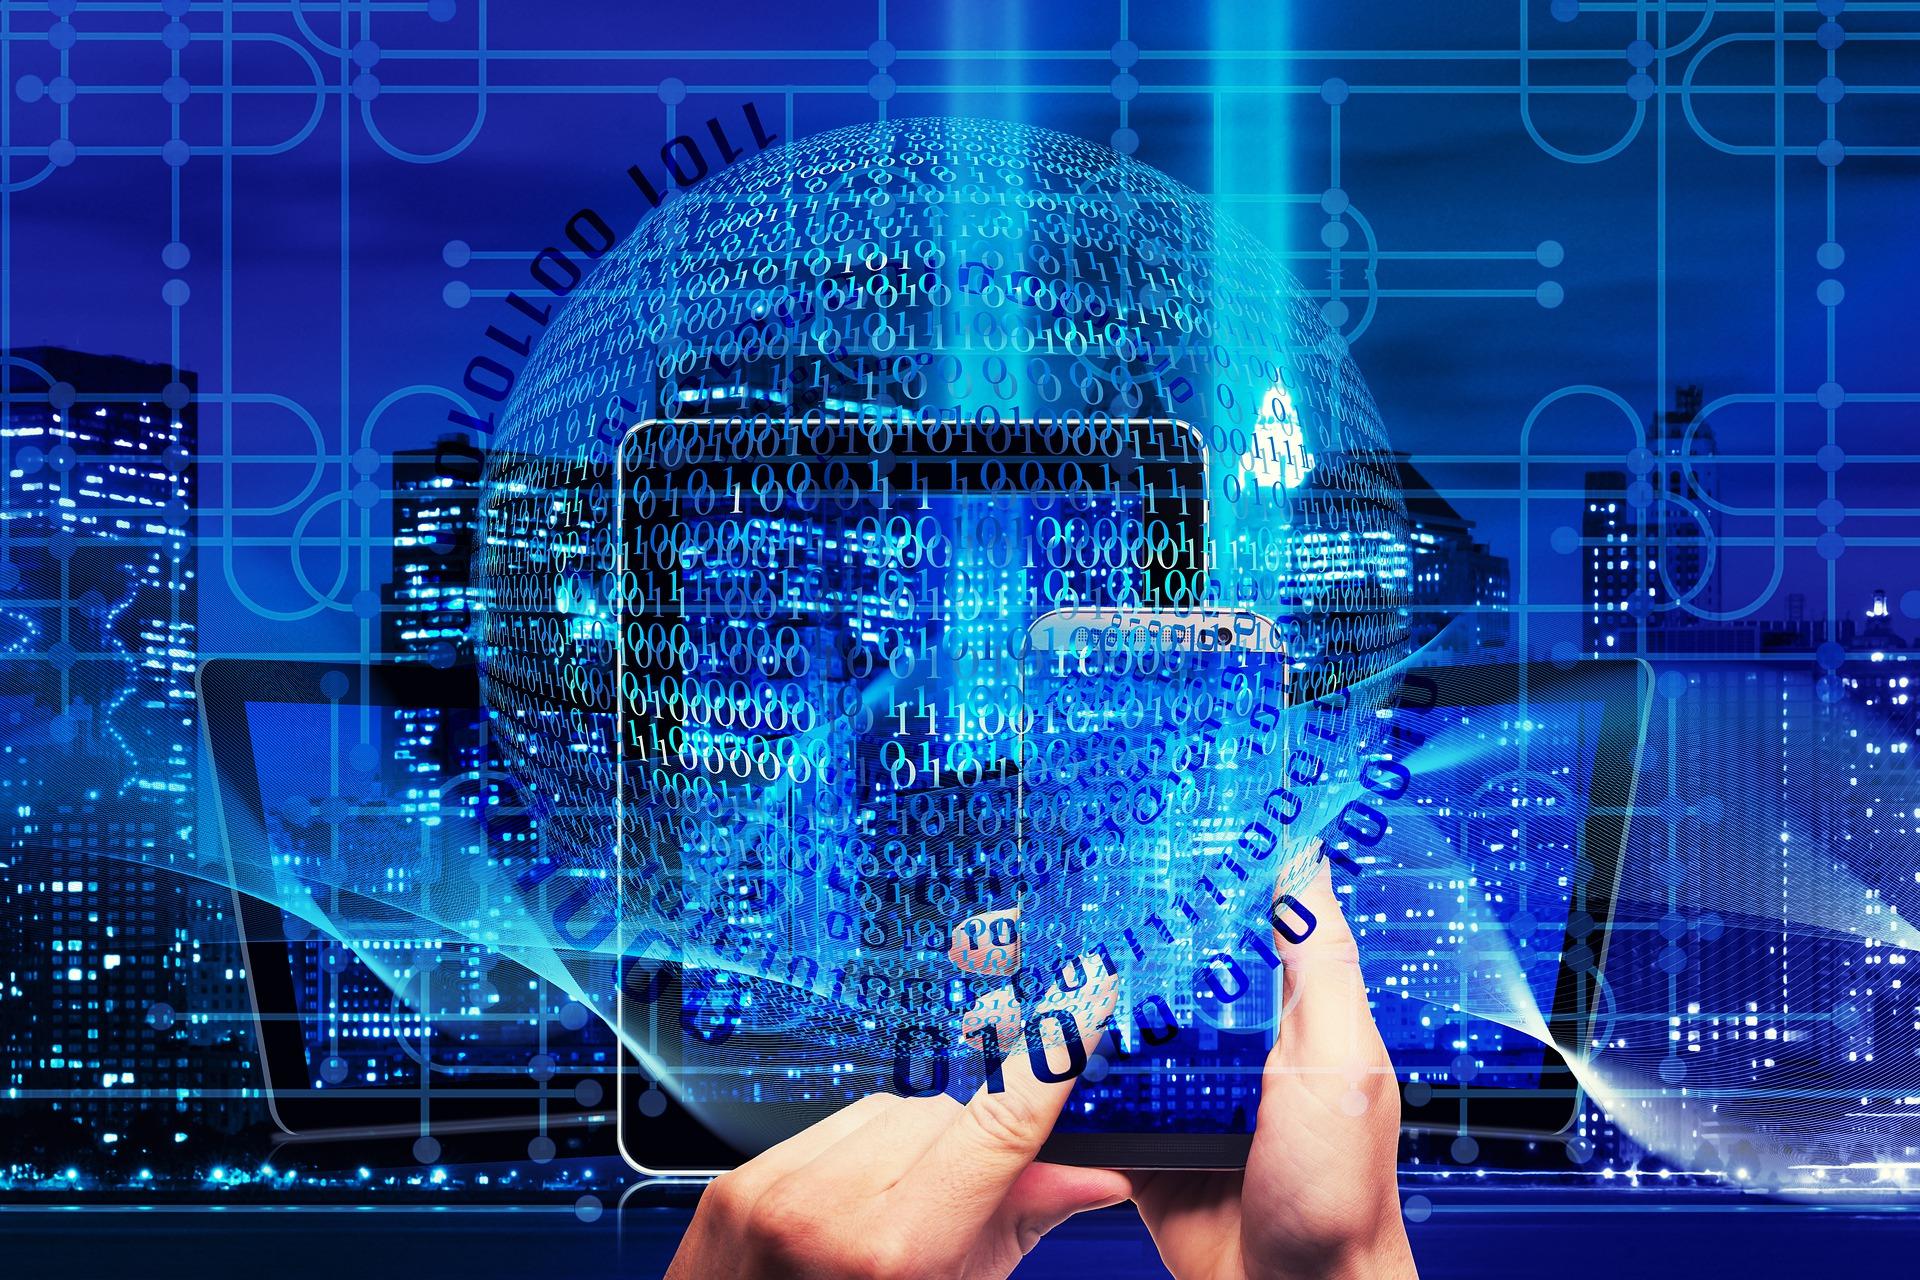 Anaxco Blog Beitrag Bild Digitalisierung IT-Services IT-Lösungen Datensicherheit Cloud IT-Experten